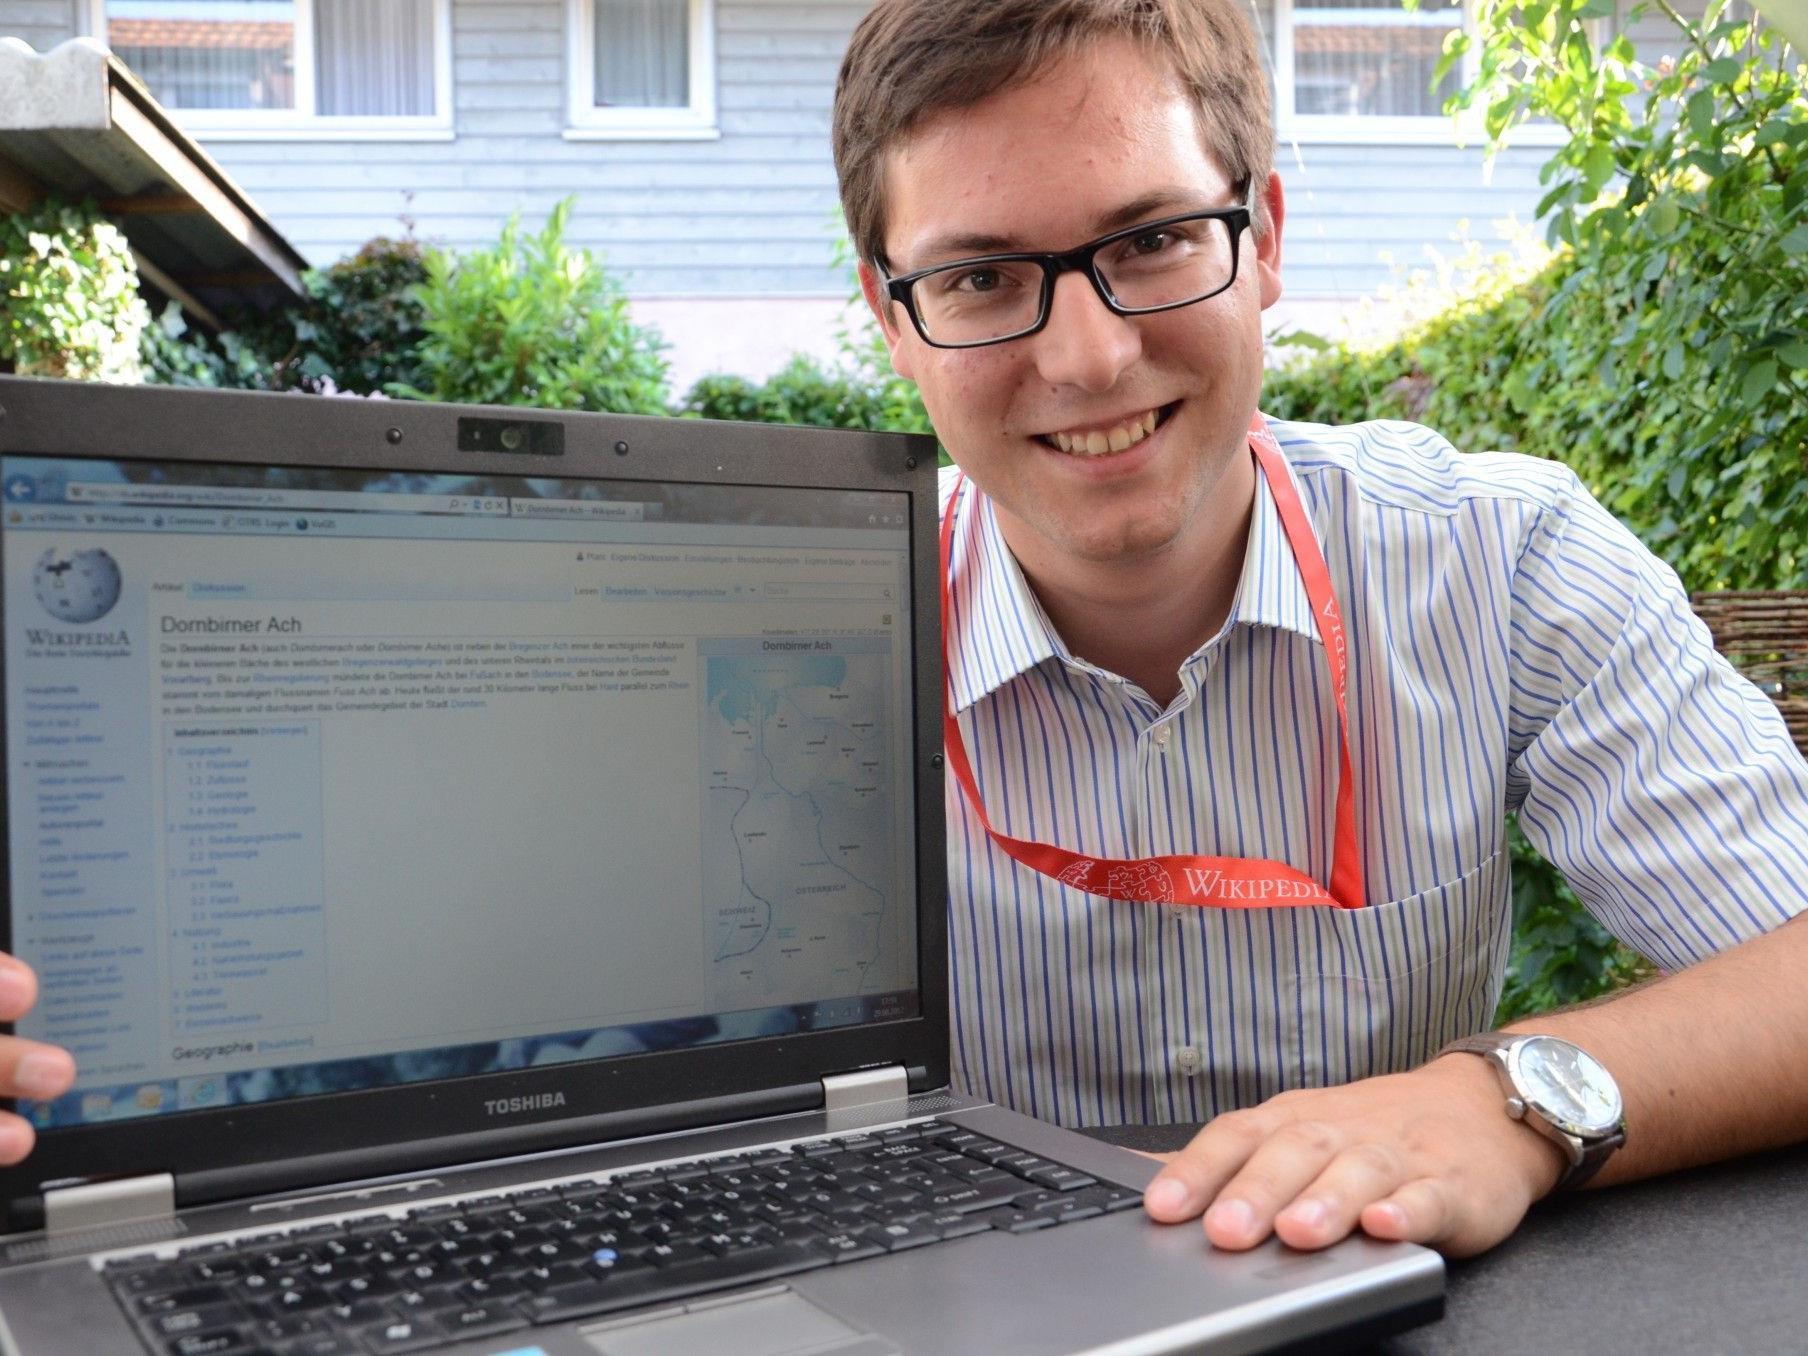 Der 22-jährige Thomas Planinger ist Autor für die Online-Enzyklopädie Wikipedia und Mitarbeiter der WikiCon 2012.